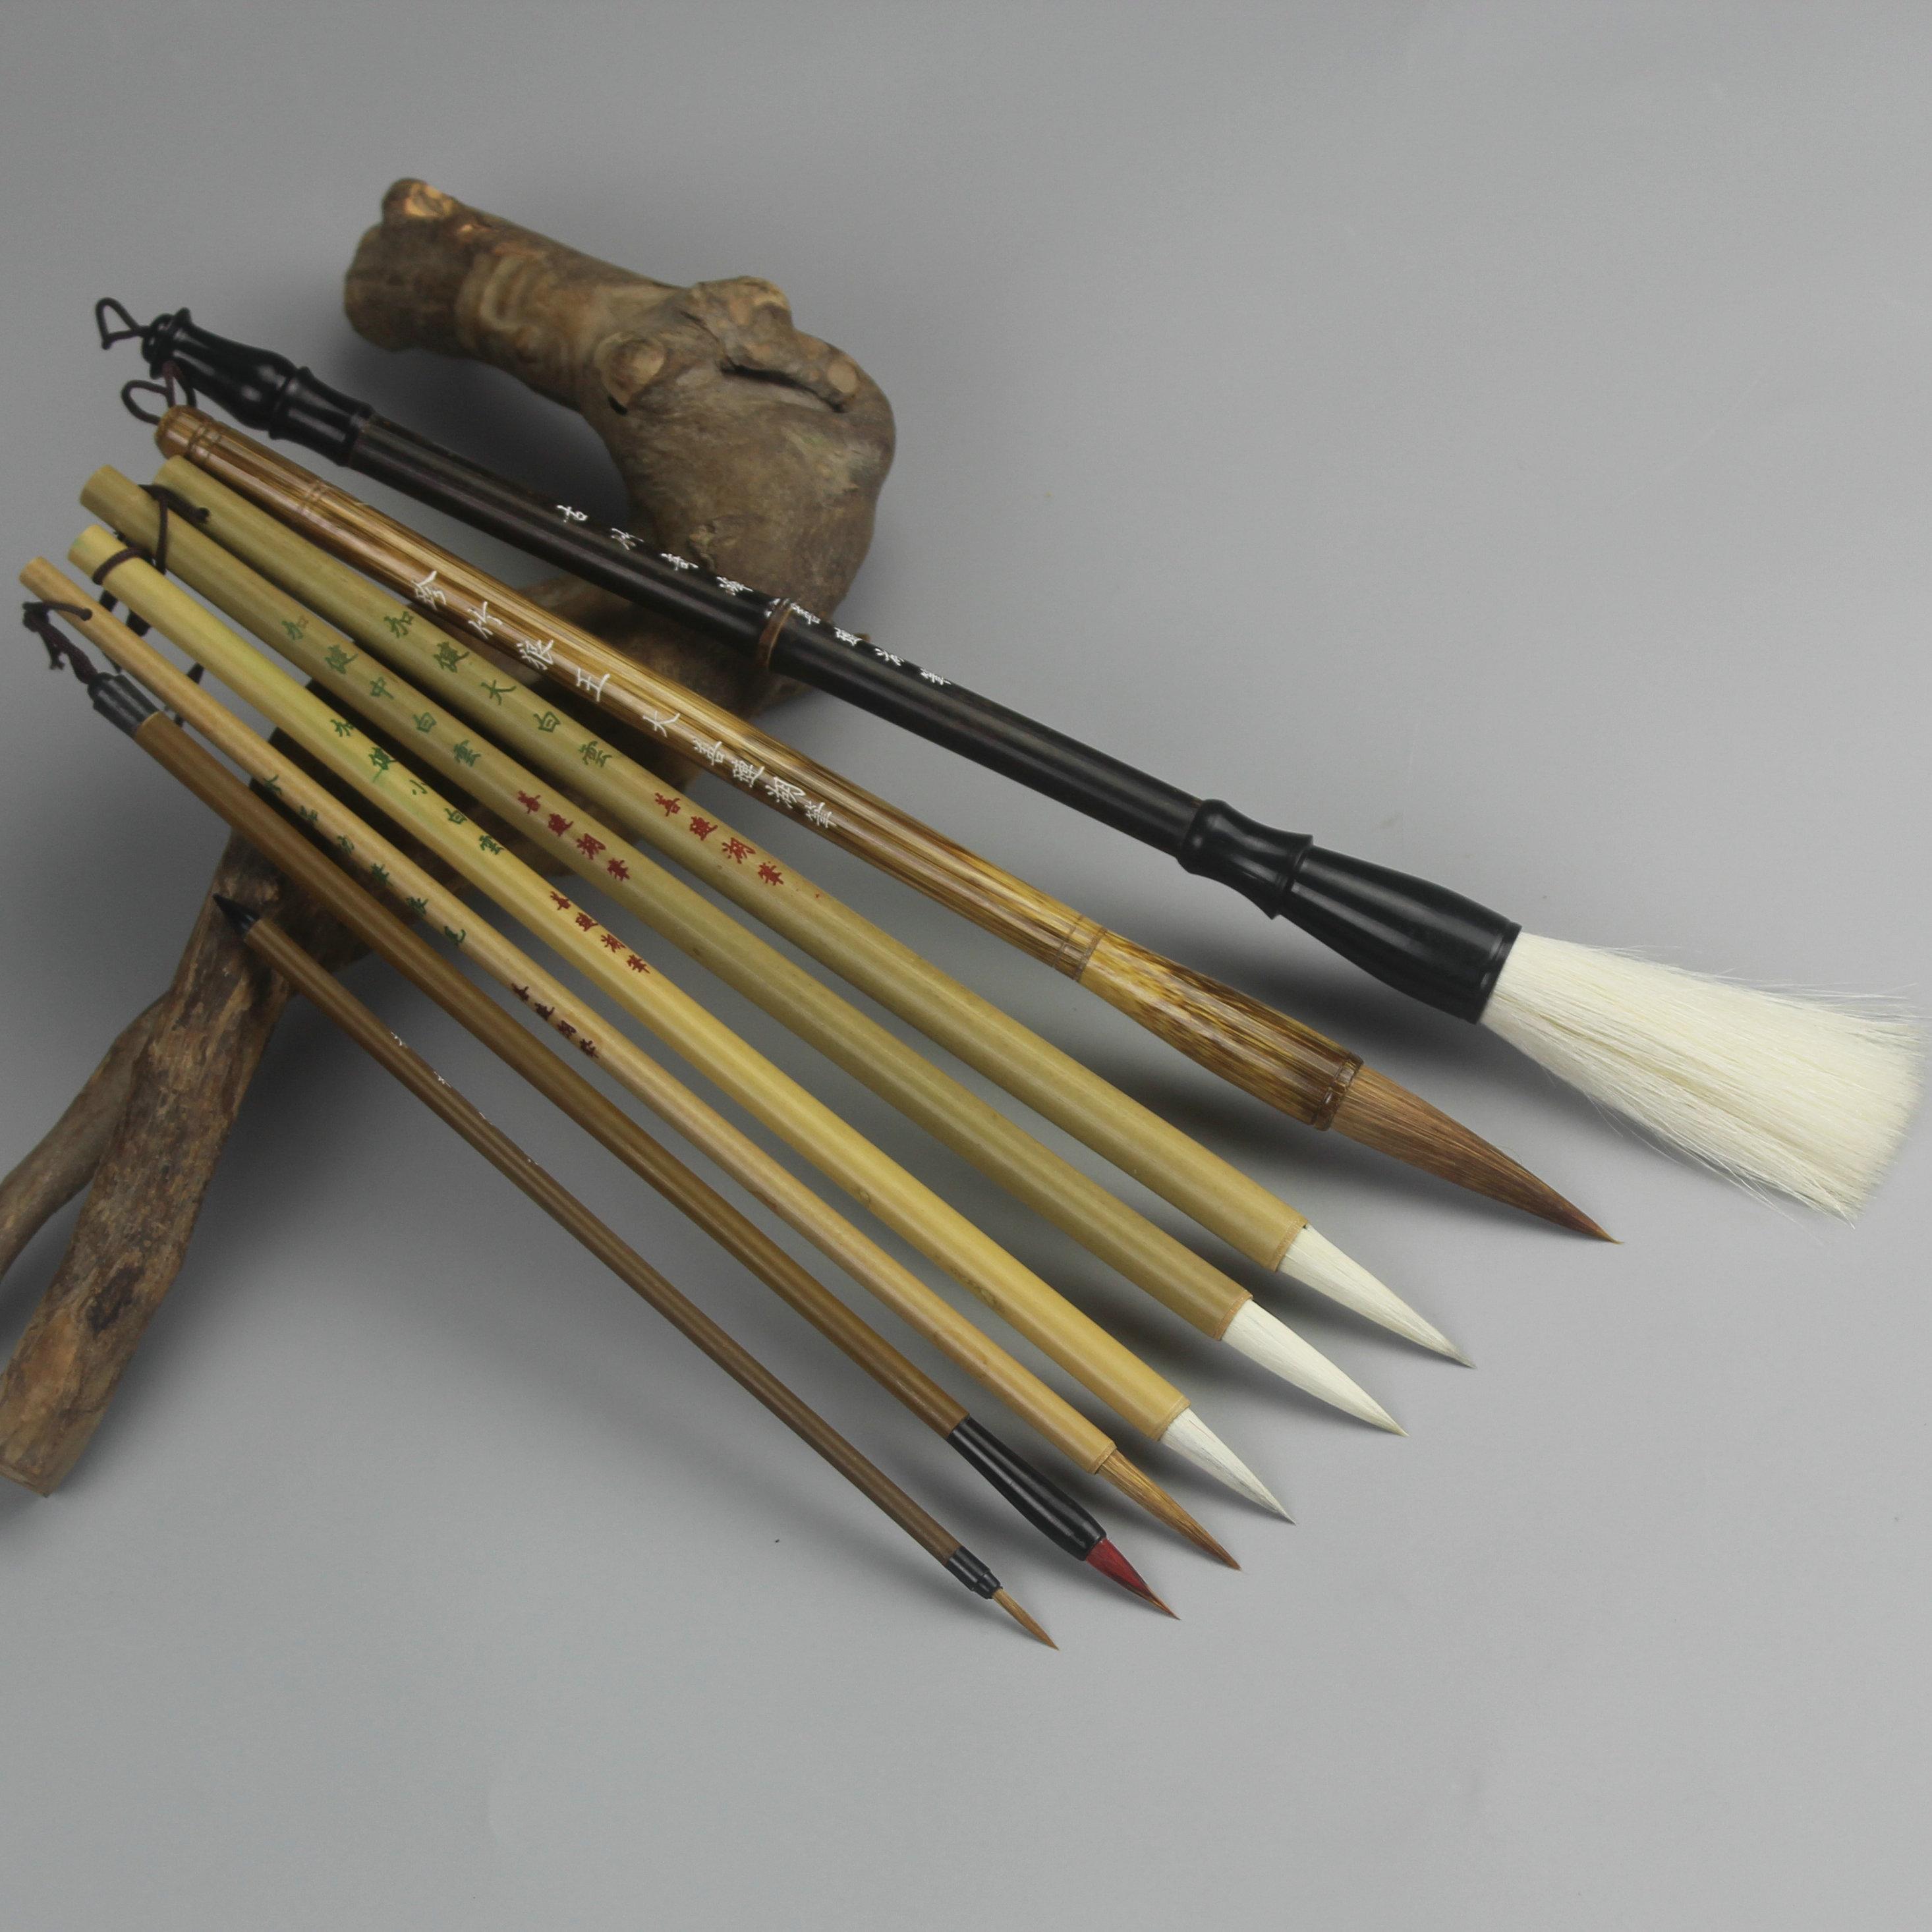 国画毛笔套装 用品写意专用山水花初学工具 书法书画工笔湖笔